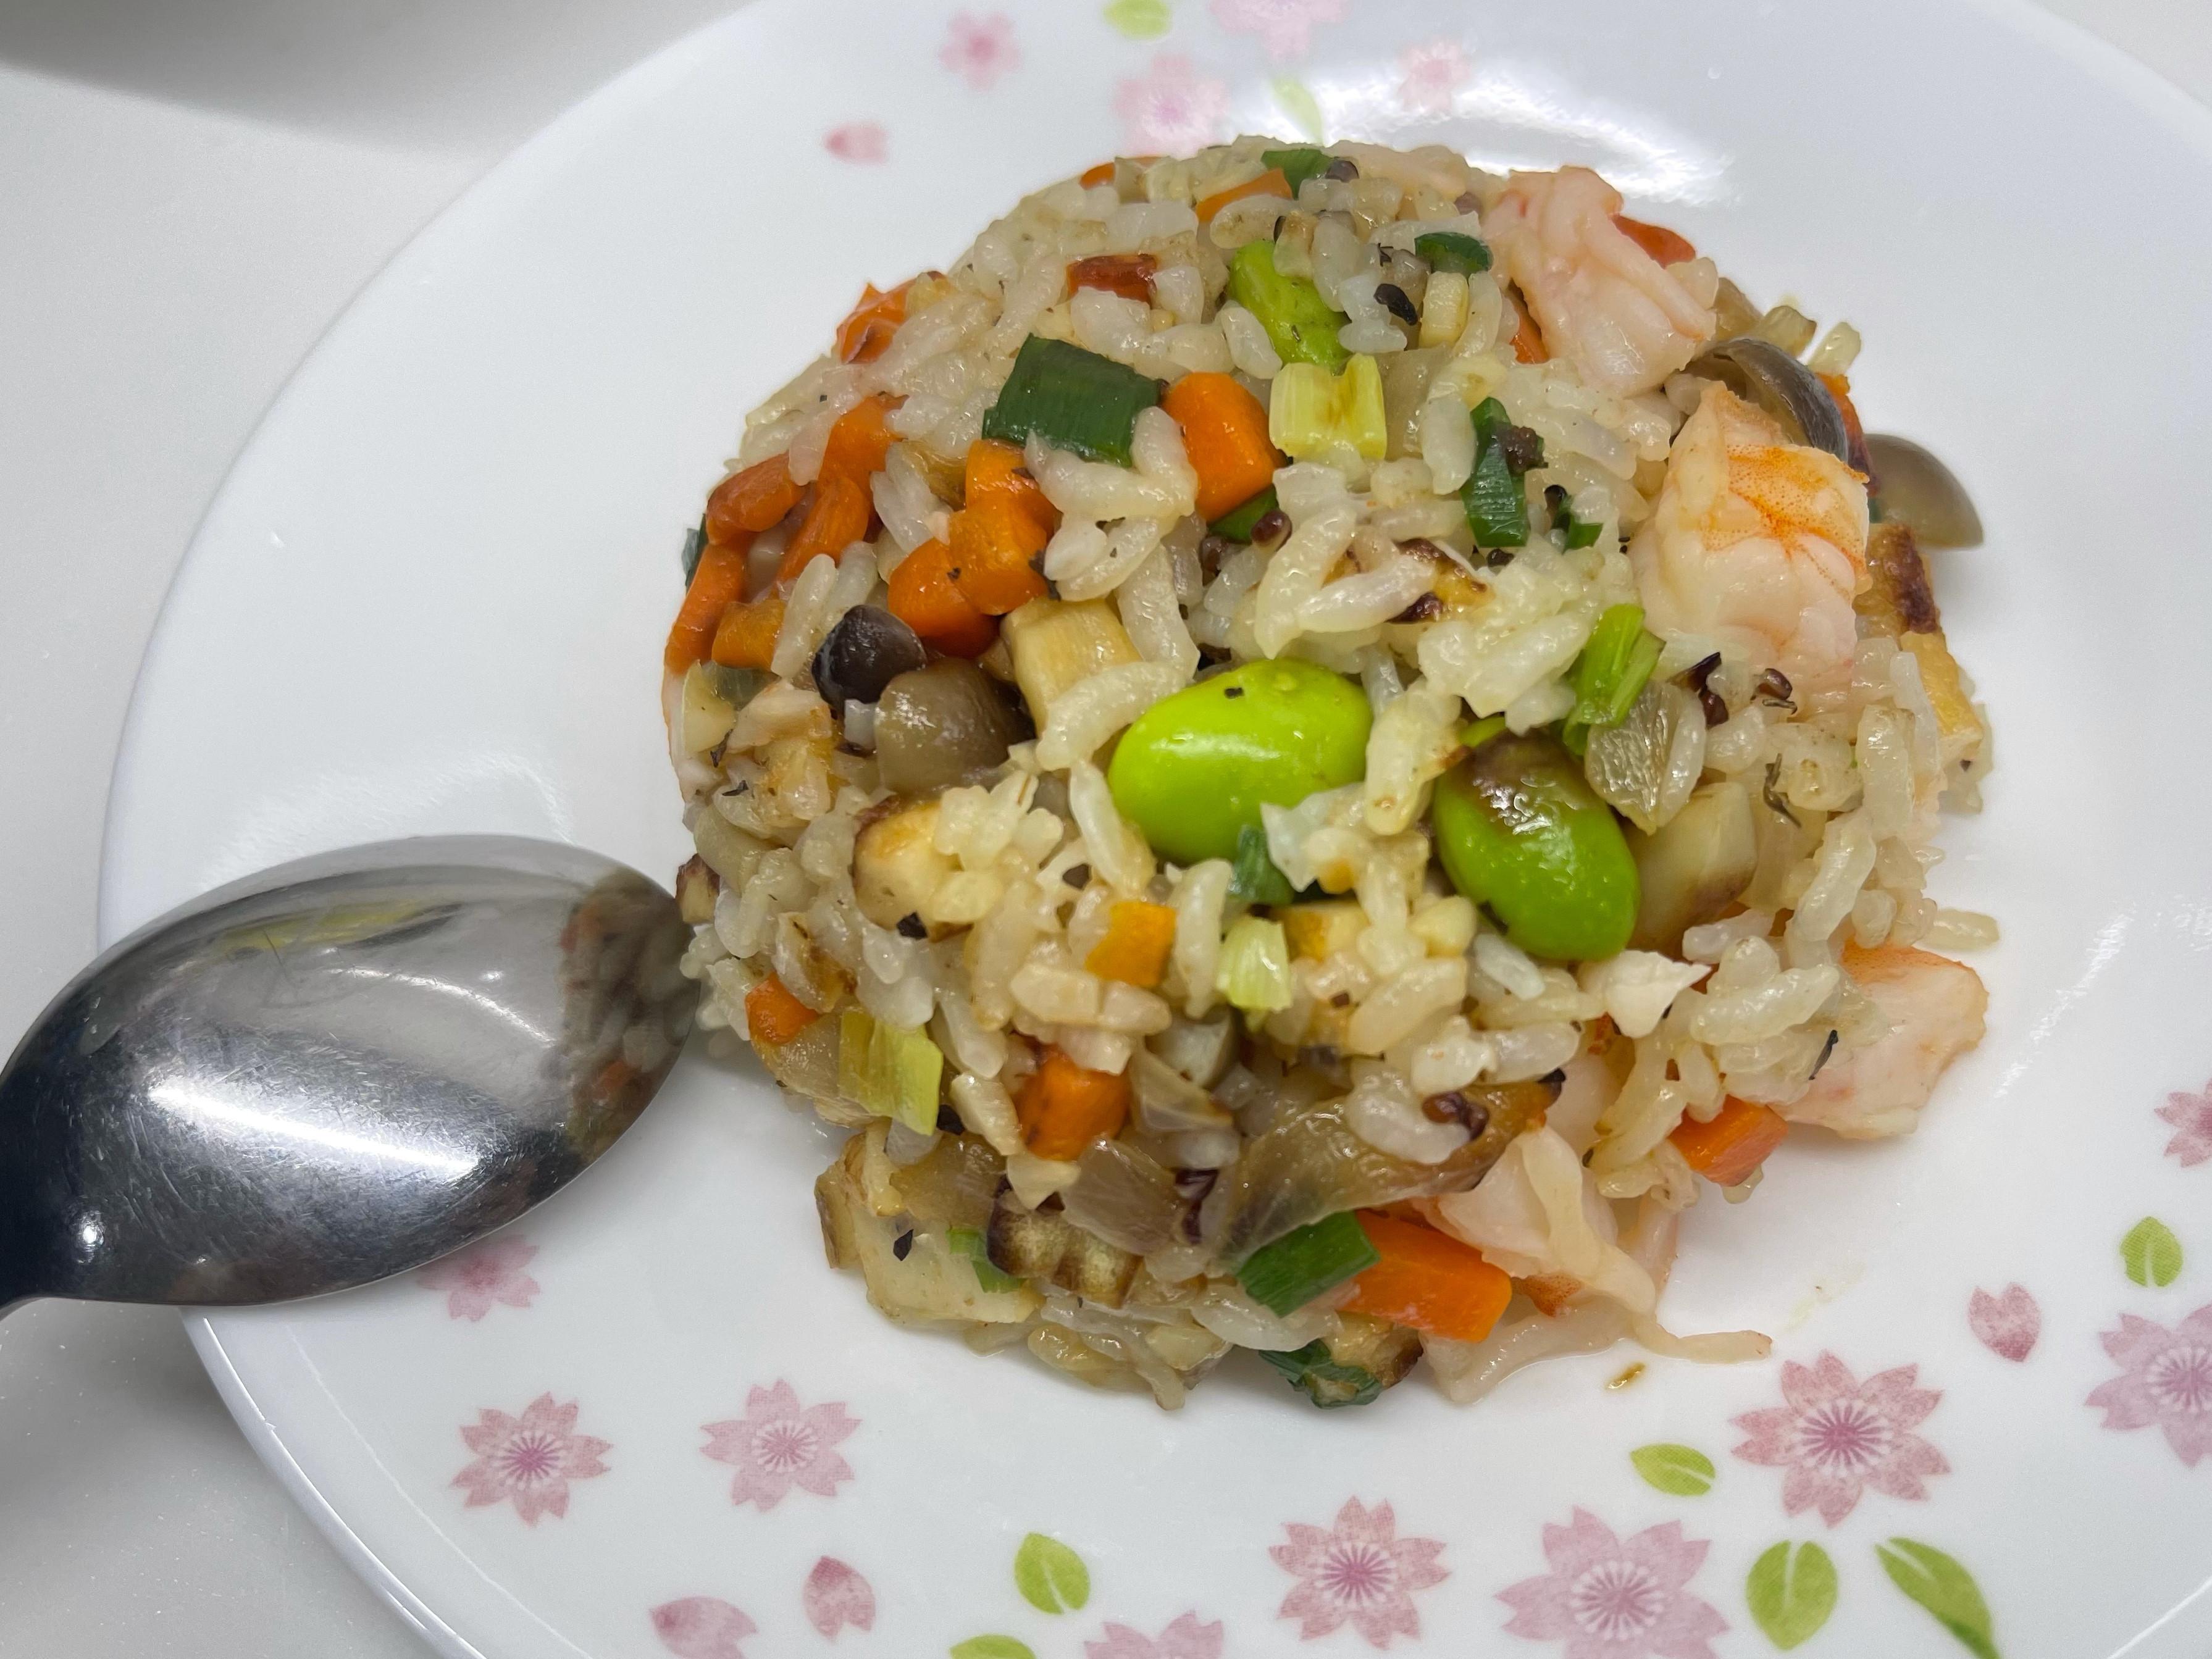 鮮蝦干貝炒飯